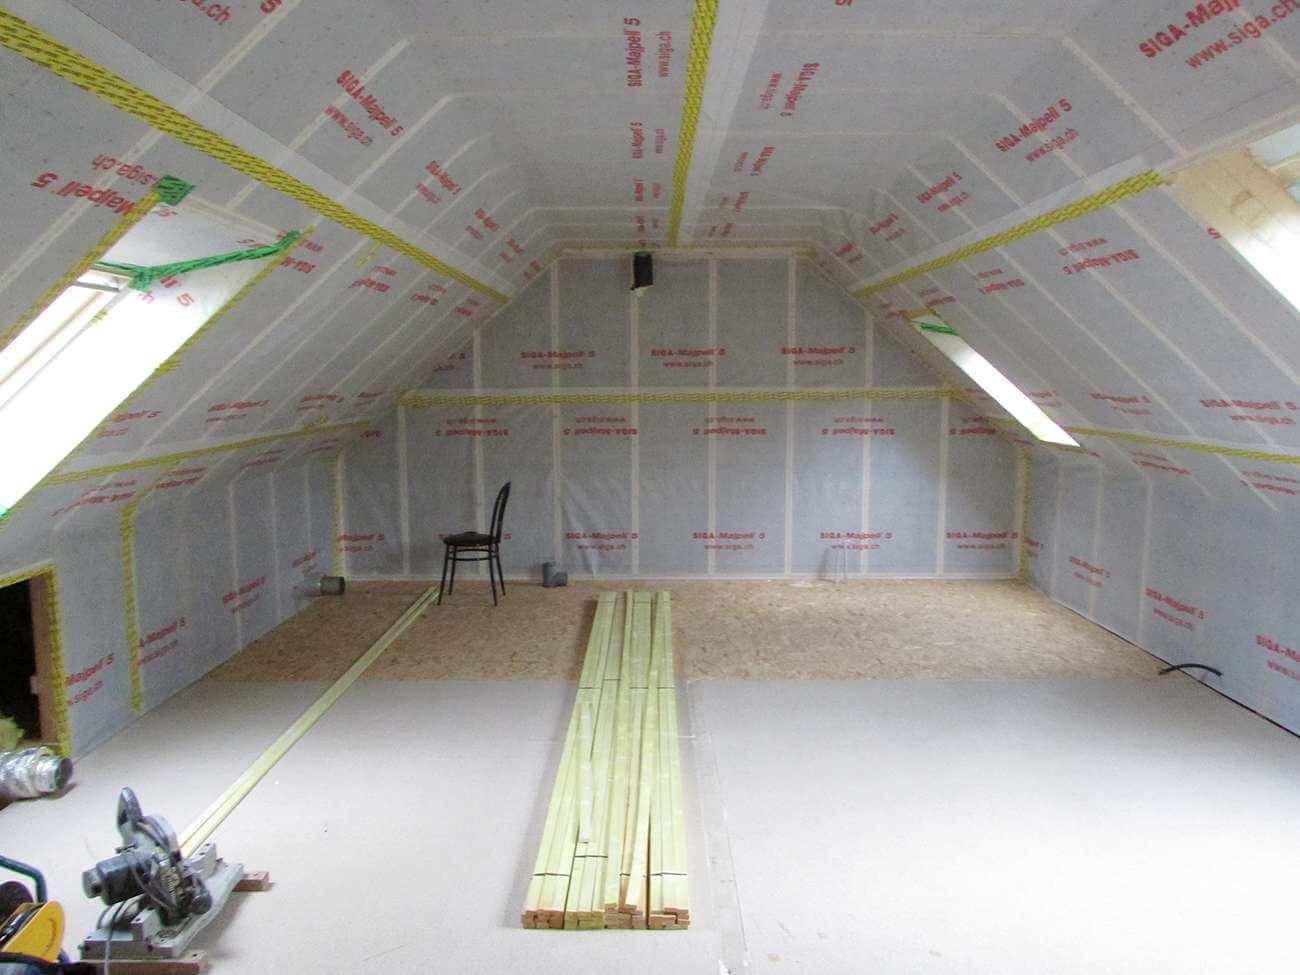 Isolation thermique de votre maison mat riaux performants for Amelioration isolation maison